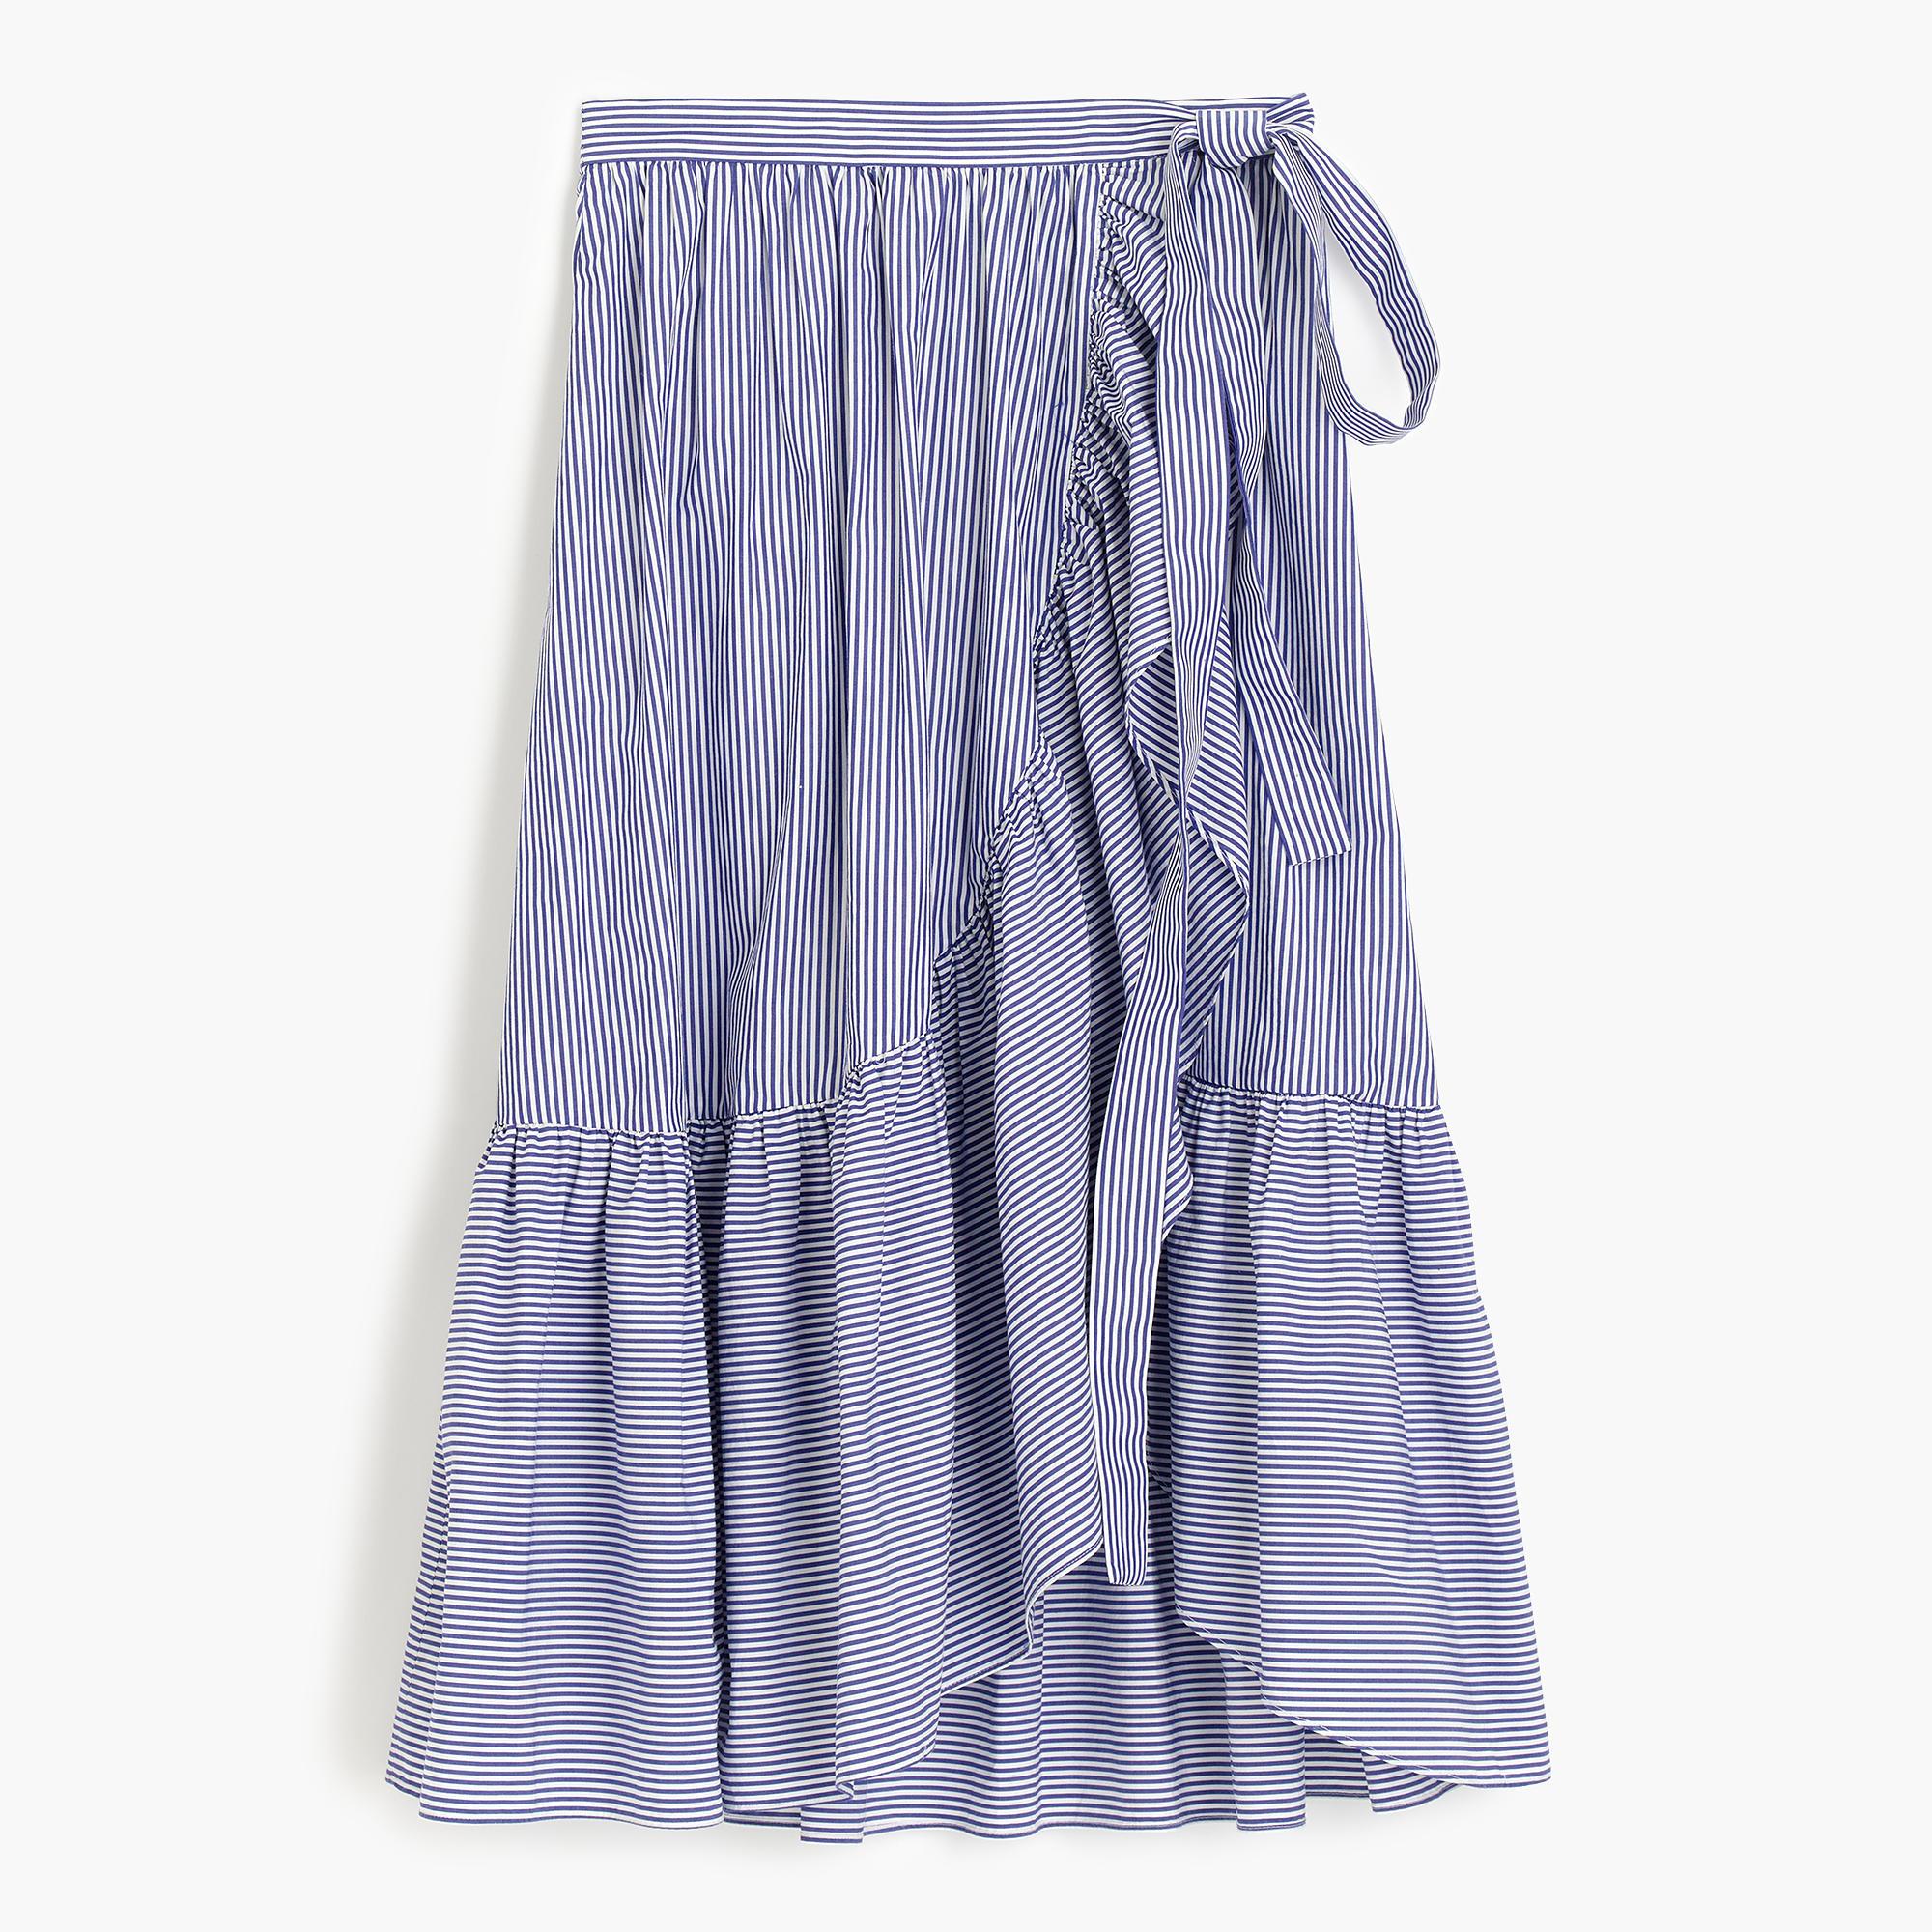 Ruffle Wrap Skirt In Shirting Stripe Women A LineMidi